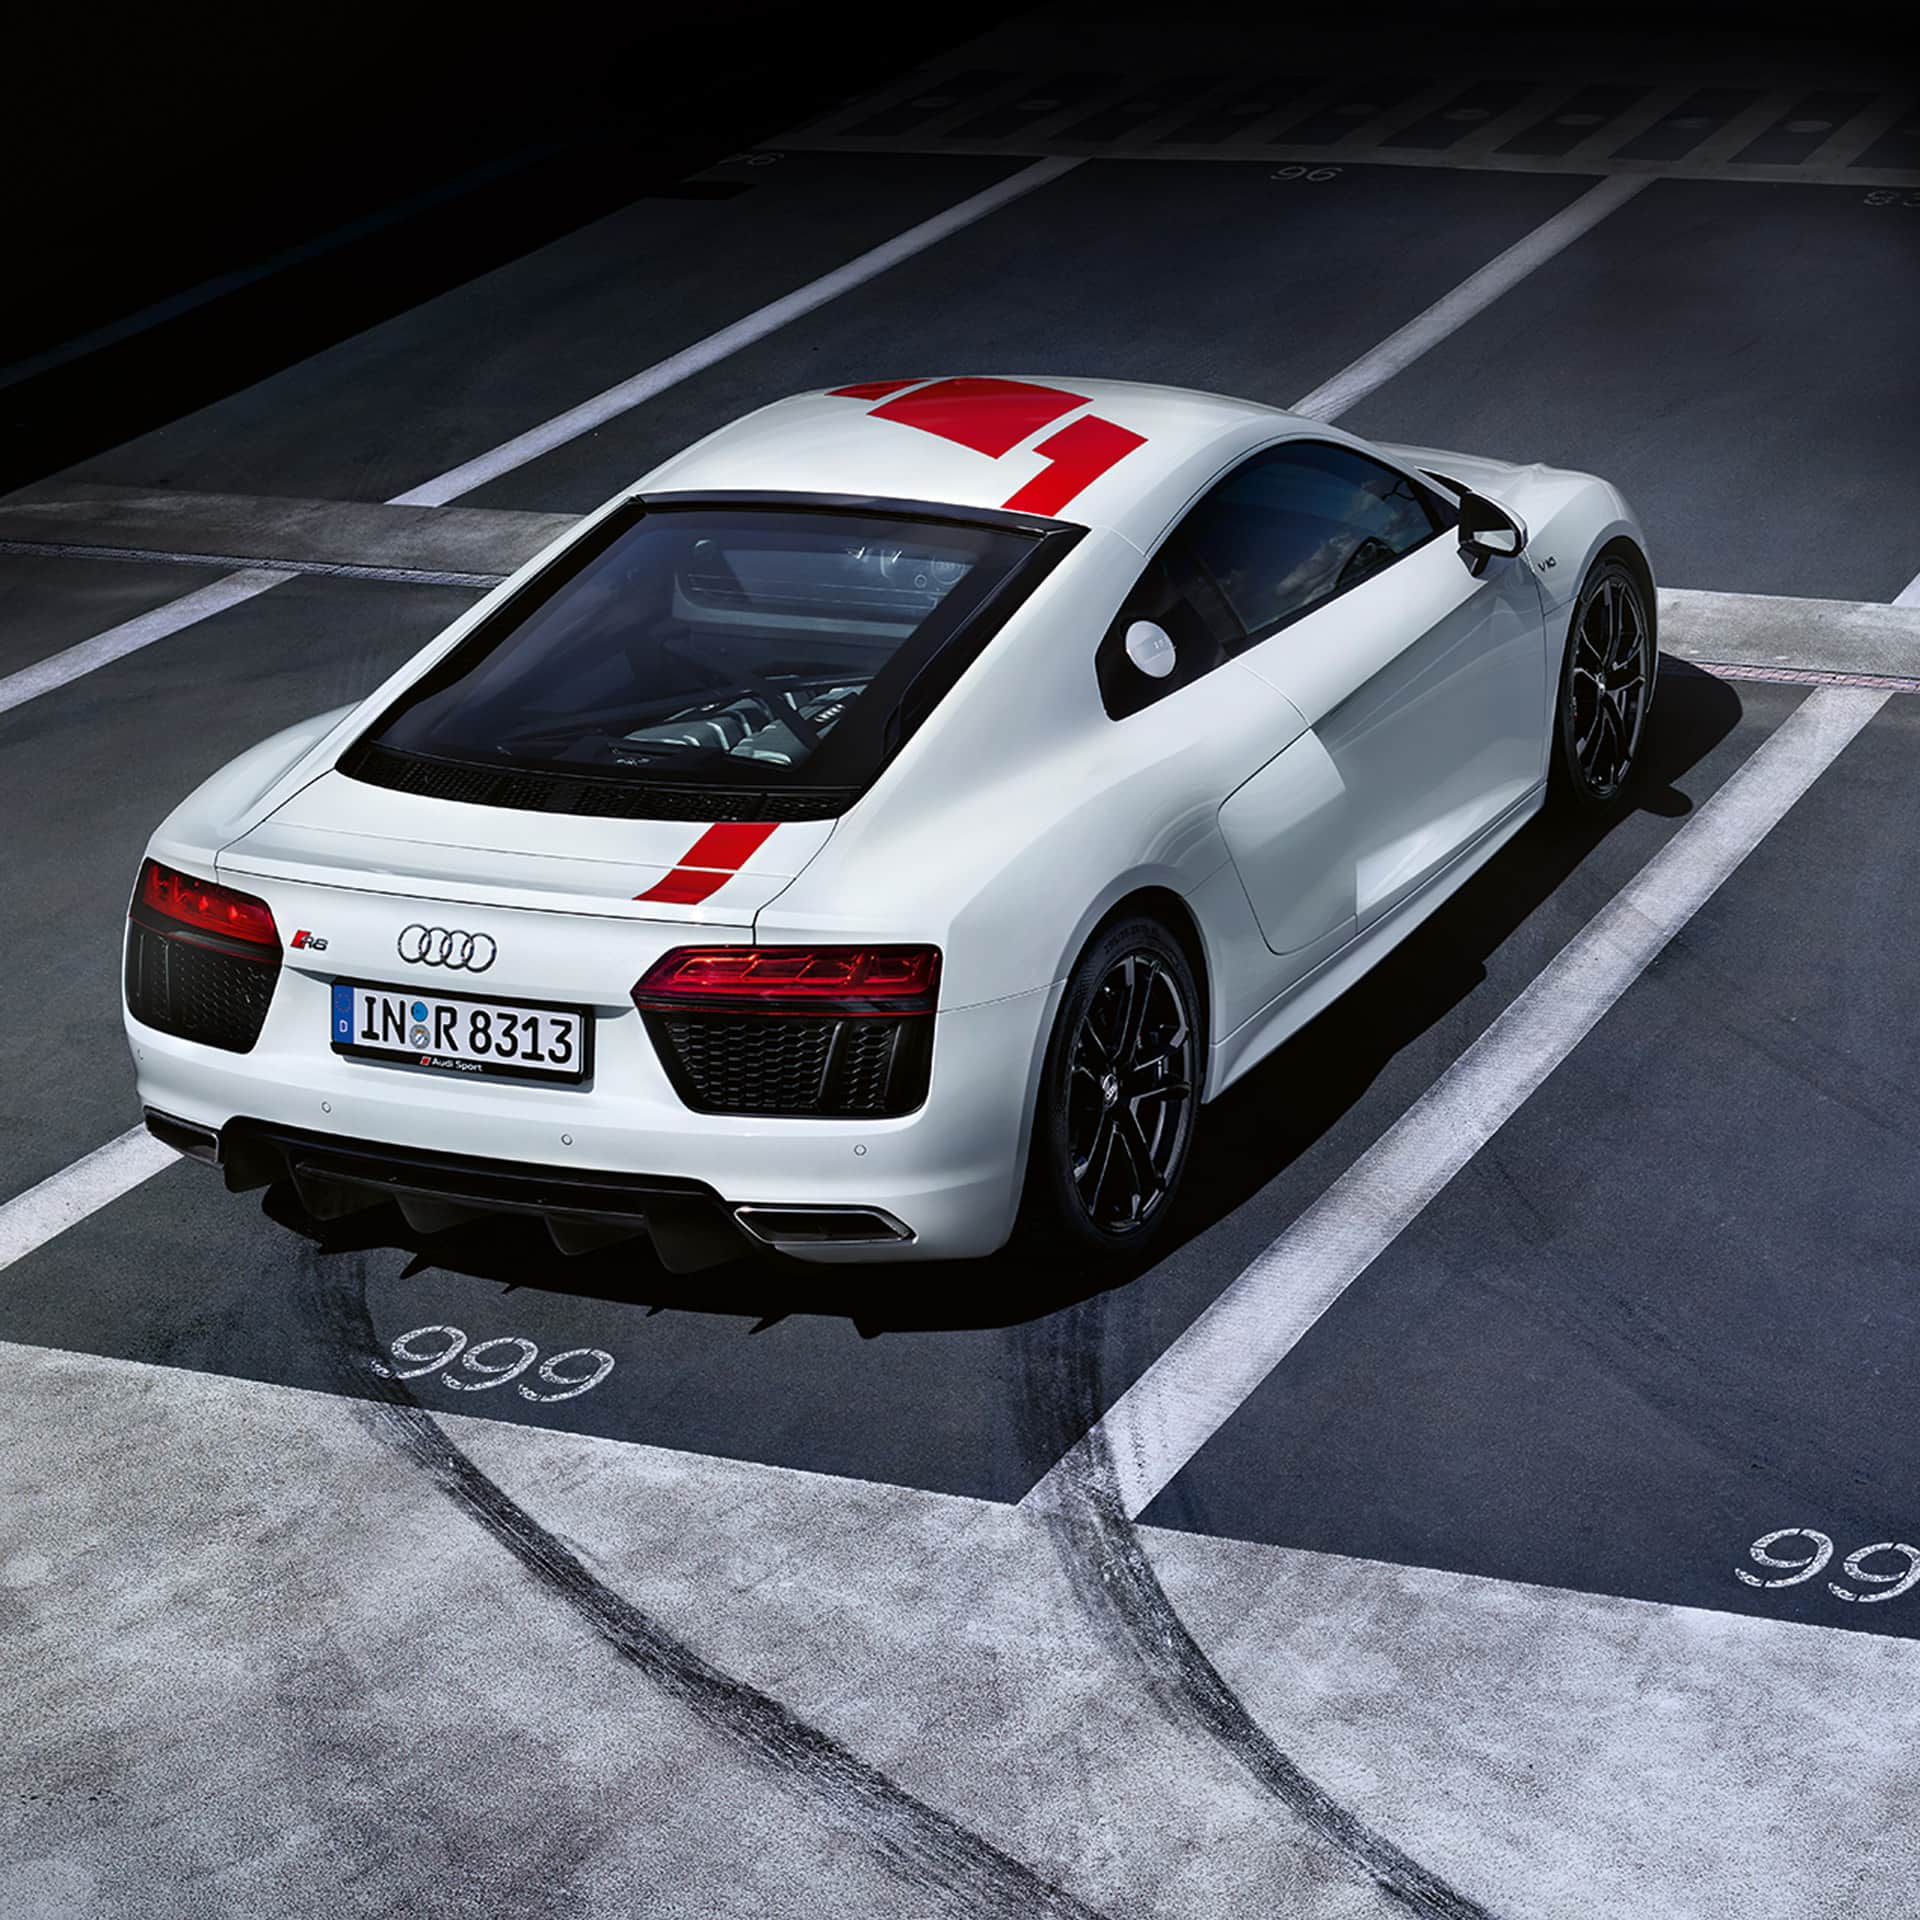 Audi R8 Coupe 2019 R8 2019 Audi Middle East Advancement